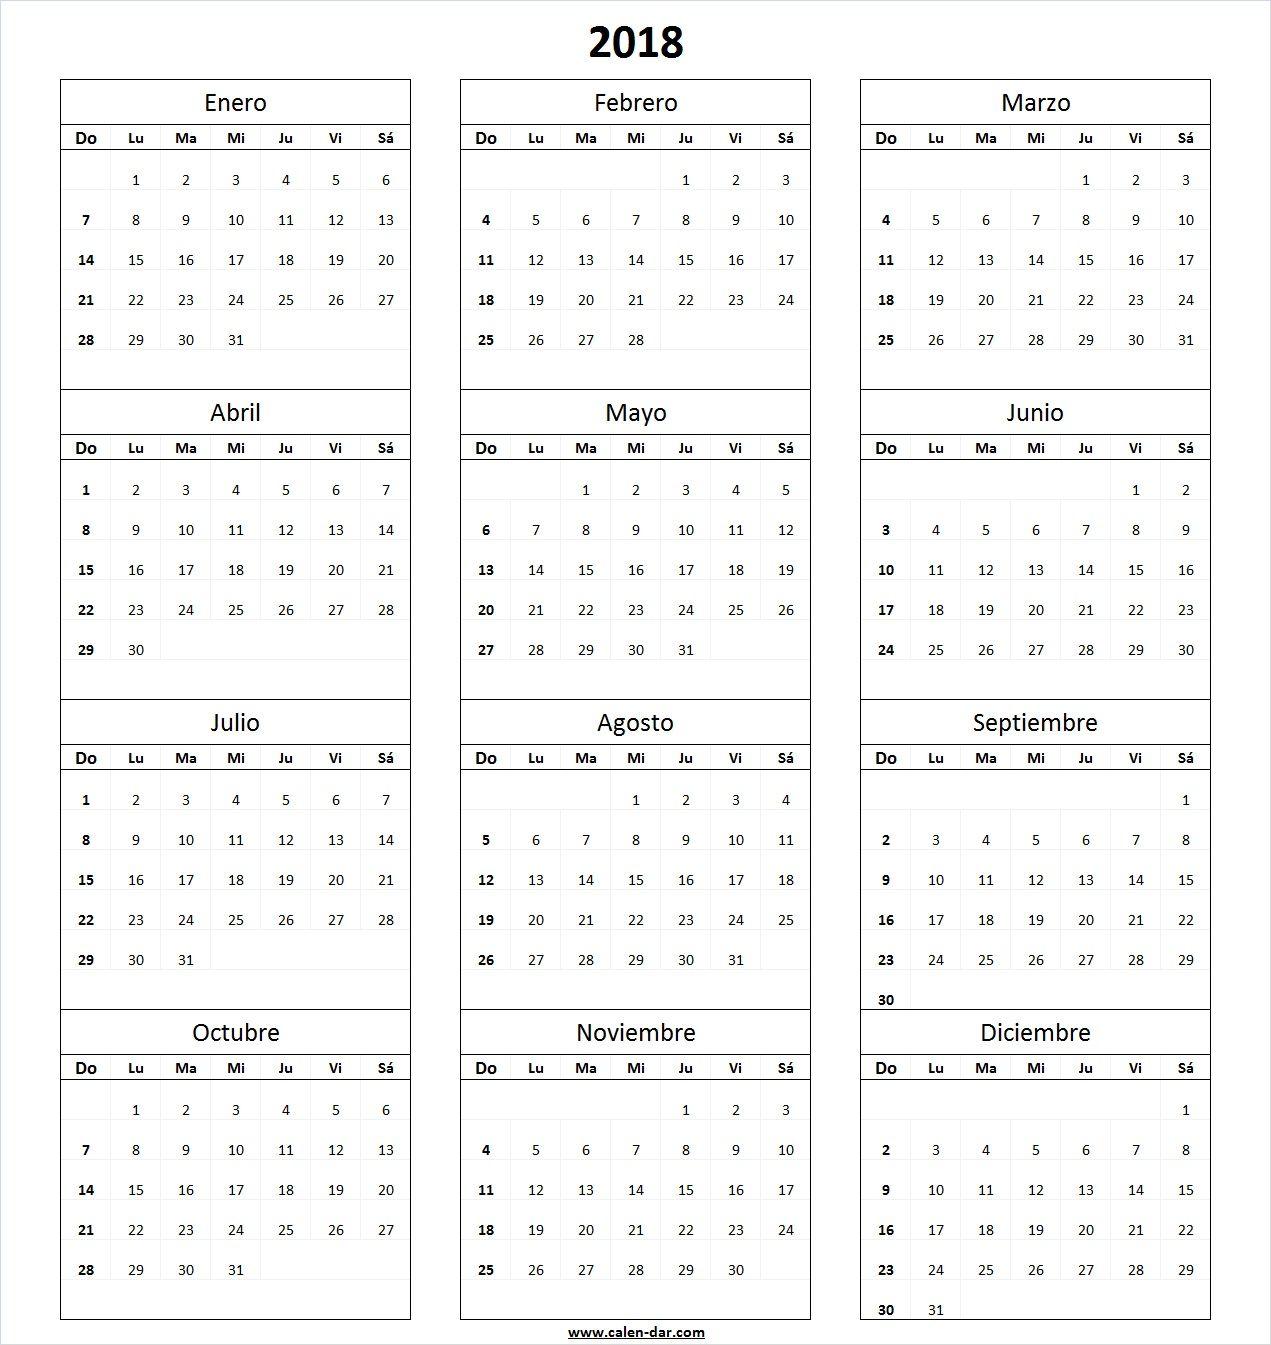 Calendario Mes Por Mes Para Imprimir Gratis